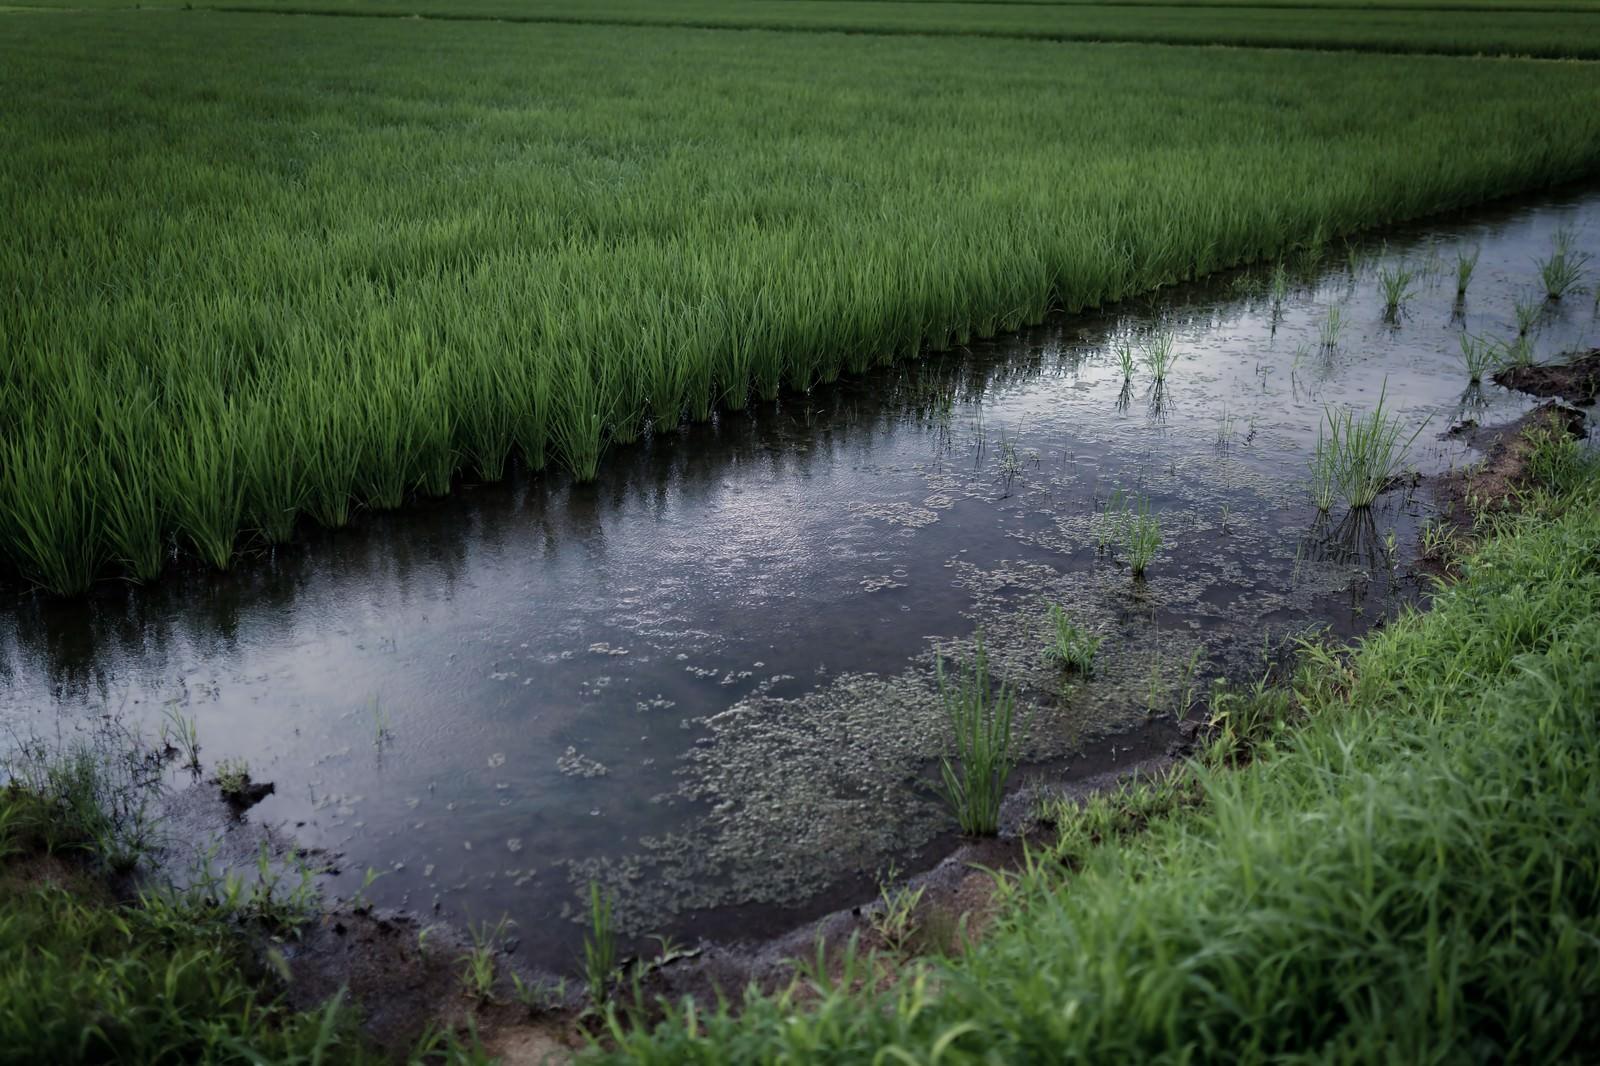 「小雨が降る夏の田んぼ小雨が降る夏の田んぼ」のフリー写真素材を拡大